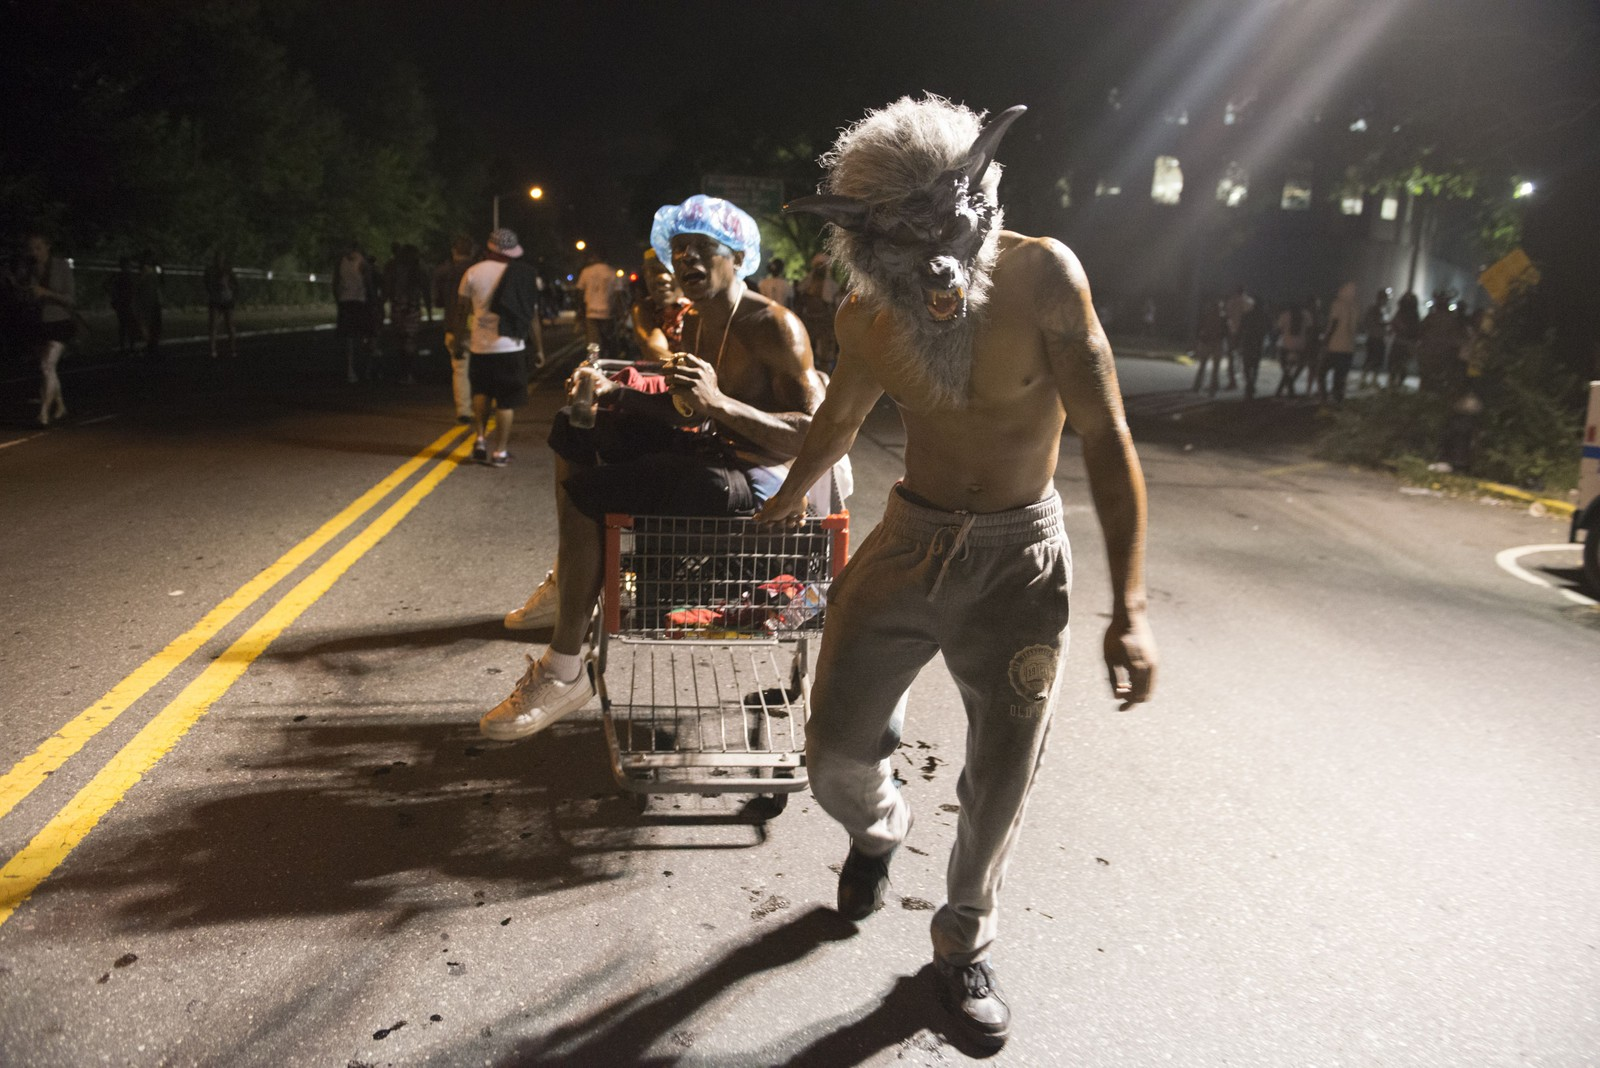 Jouvert kalles den årlige, karibiske gatefesten i Brooklyn, New York, der disse glade deltagerne er på vei.